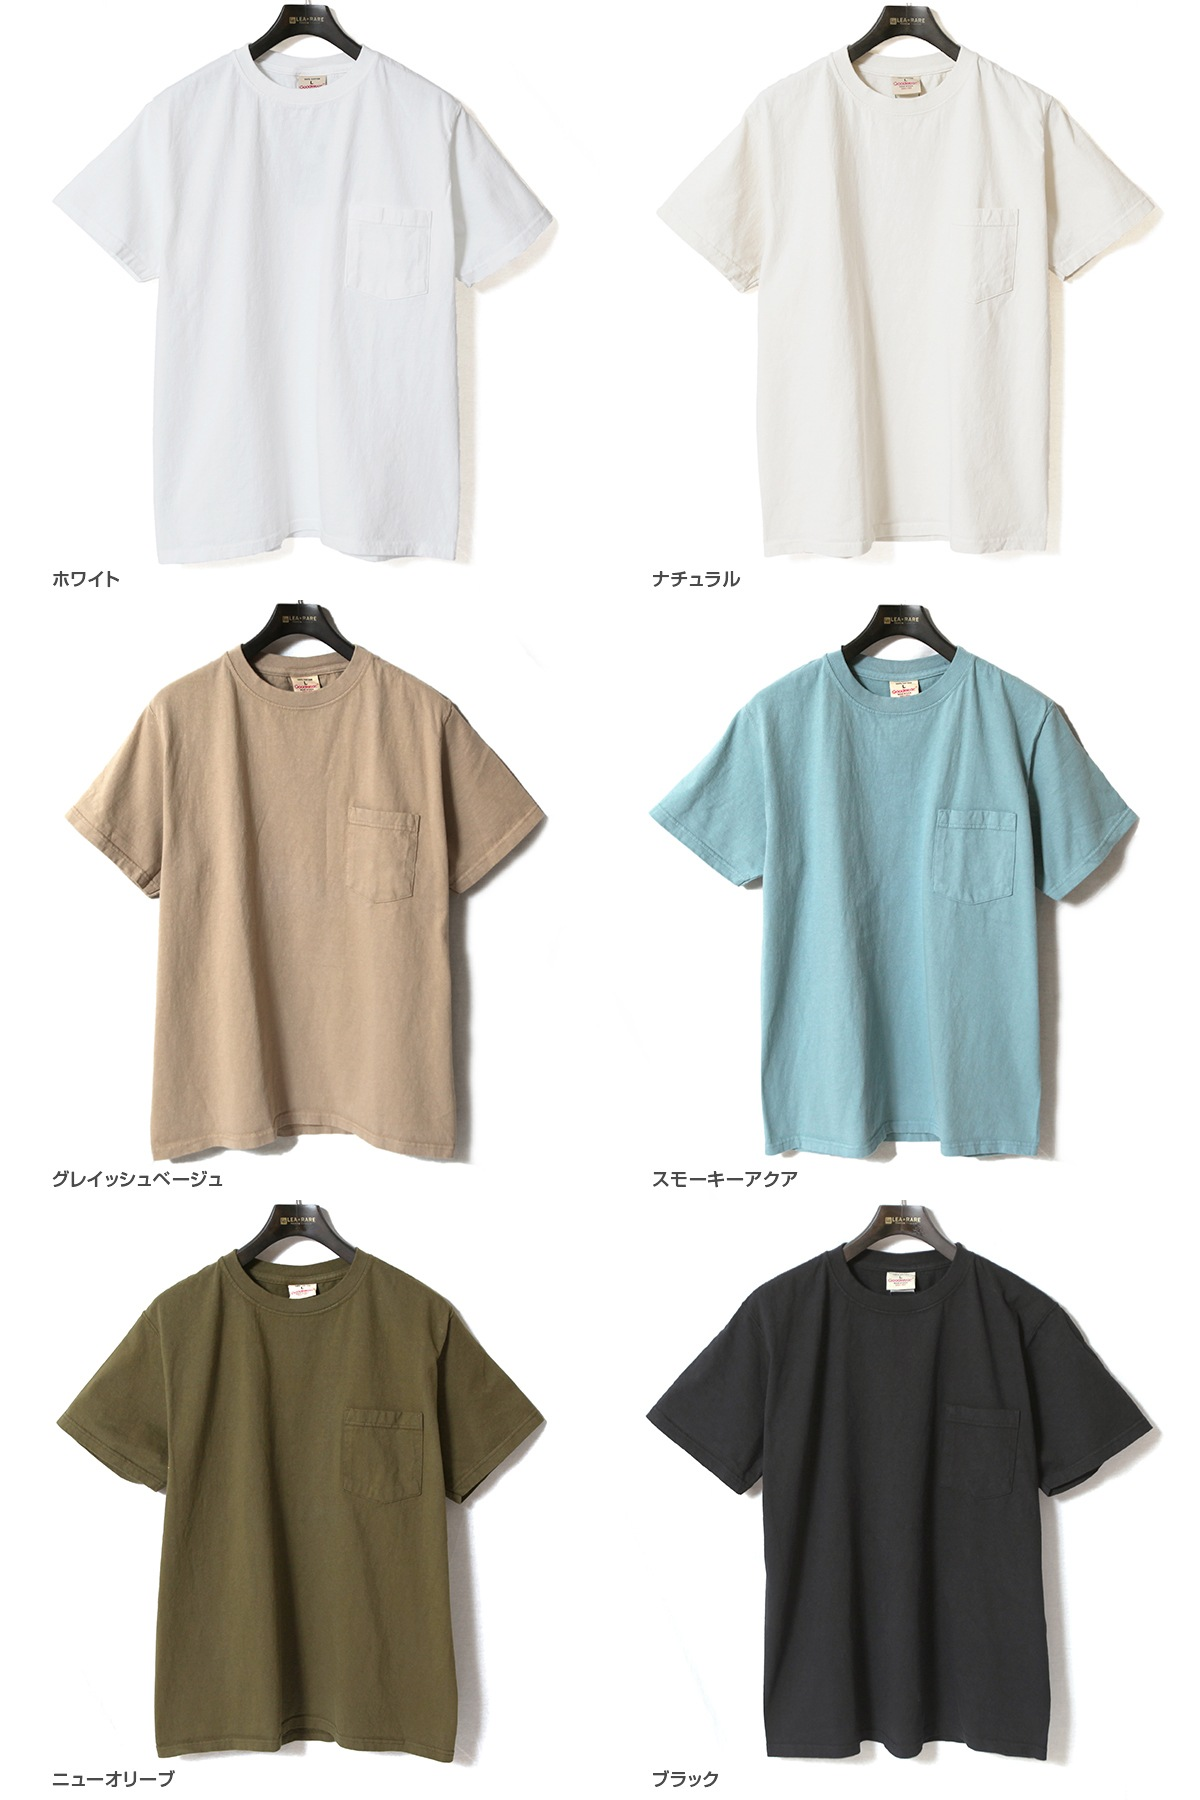 グッドウェア GOODWEAR クルーネックポケットTシャツ ジャパンカスタムモデル